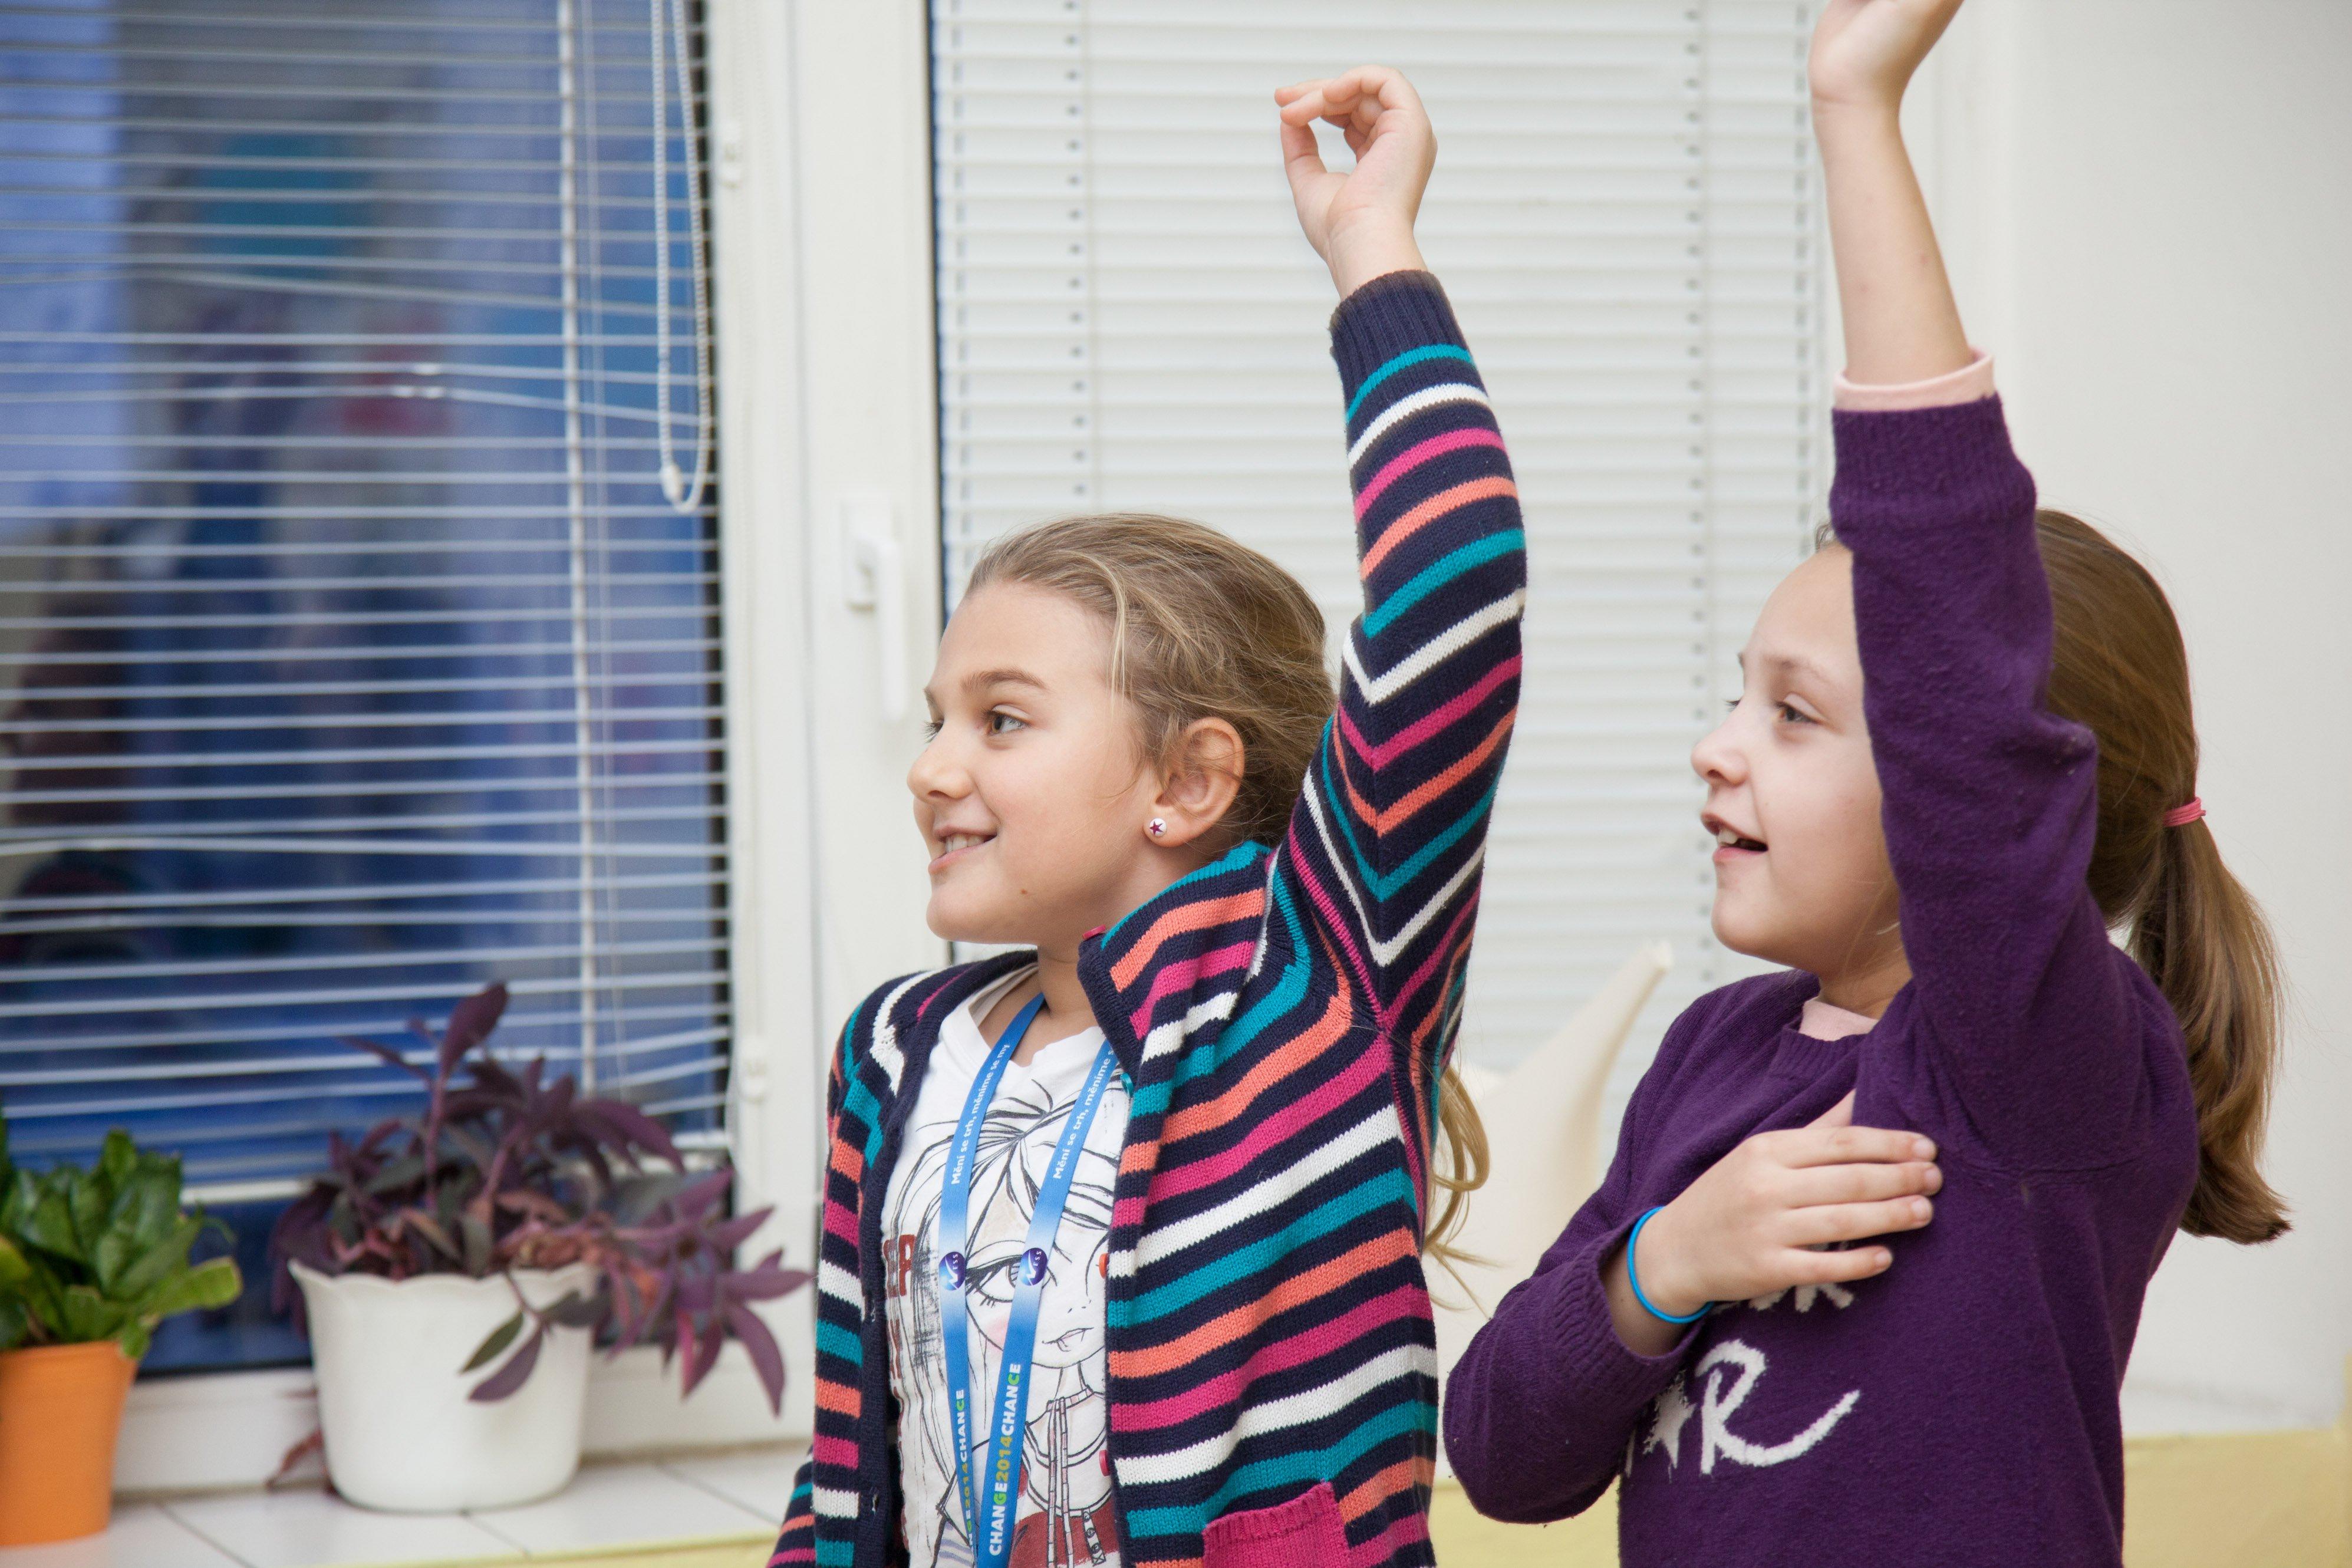 Zkoušky z angličtiny YLE. Motivujte své děti ke studiu jazyka!